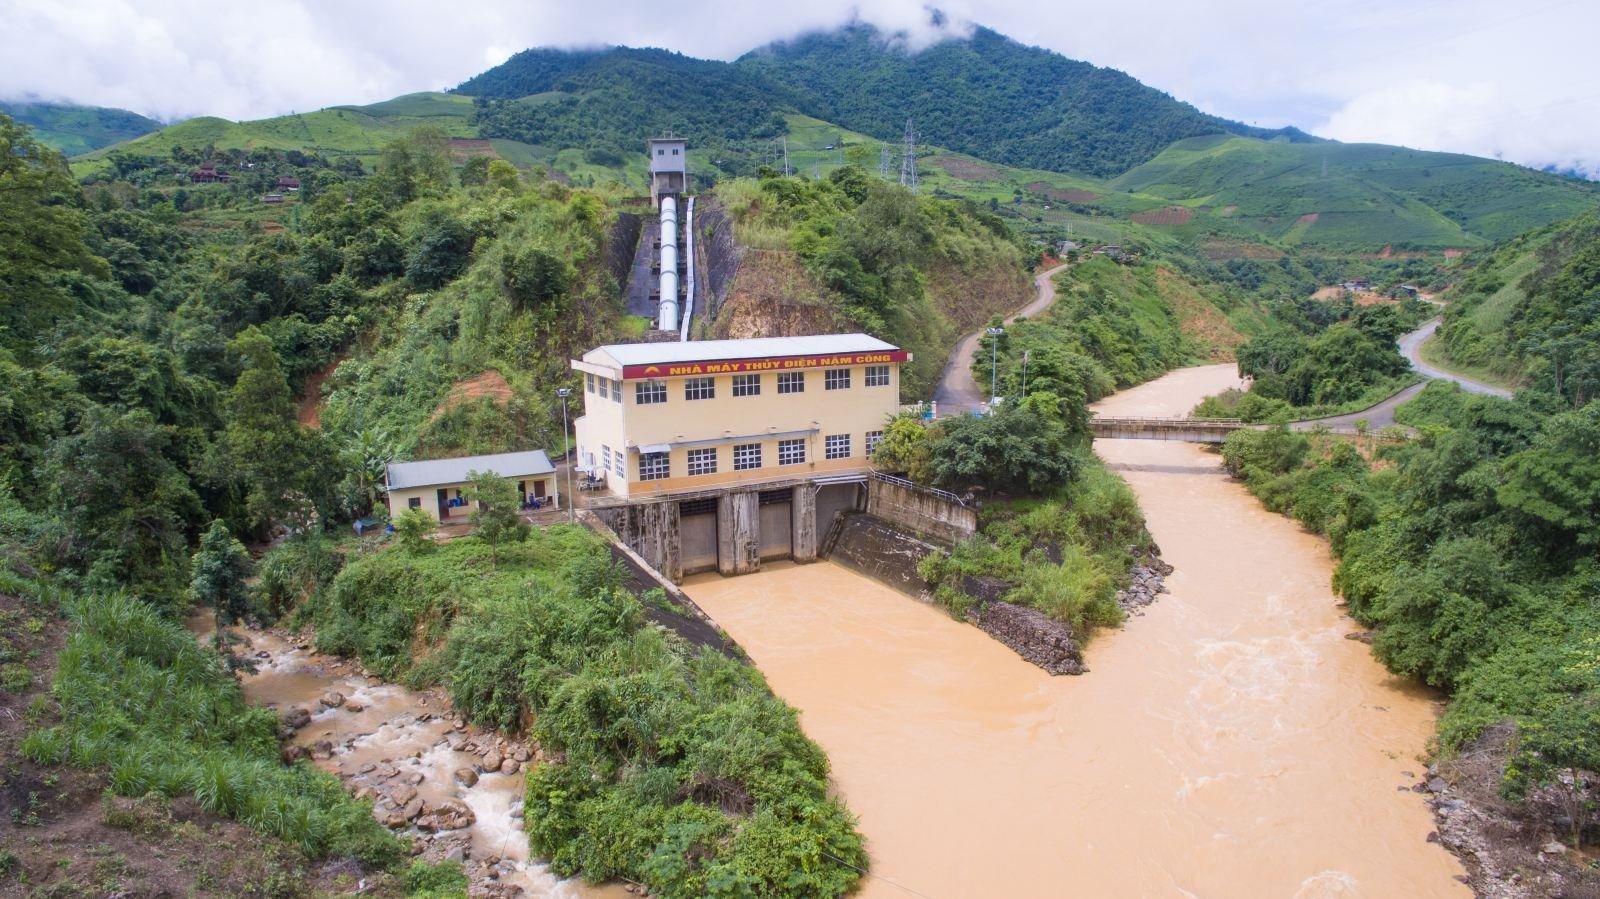 4.1 Nhà máy thủy điện Nậm Công 4, suối Nậm Công, xã Huổi Một, huyện Sông Mã, tỉnh Sơn La